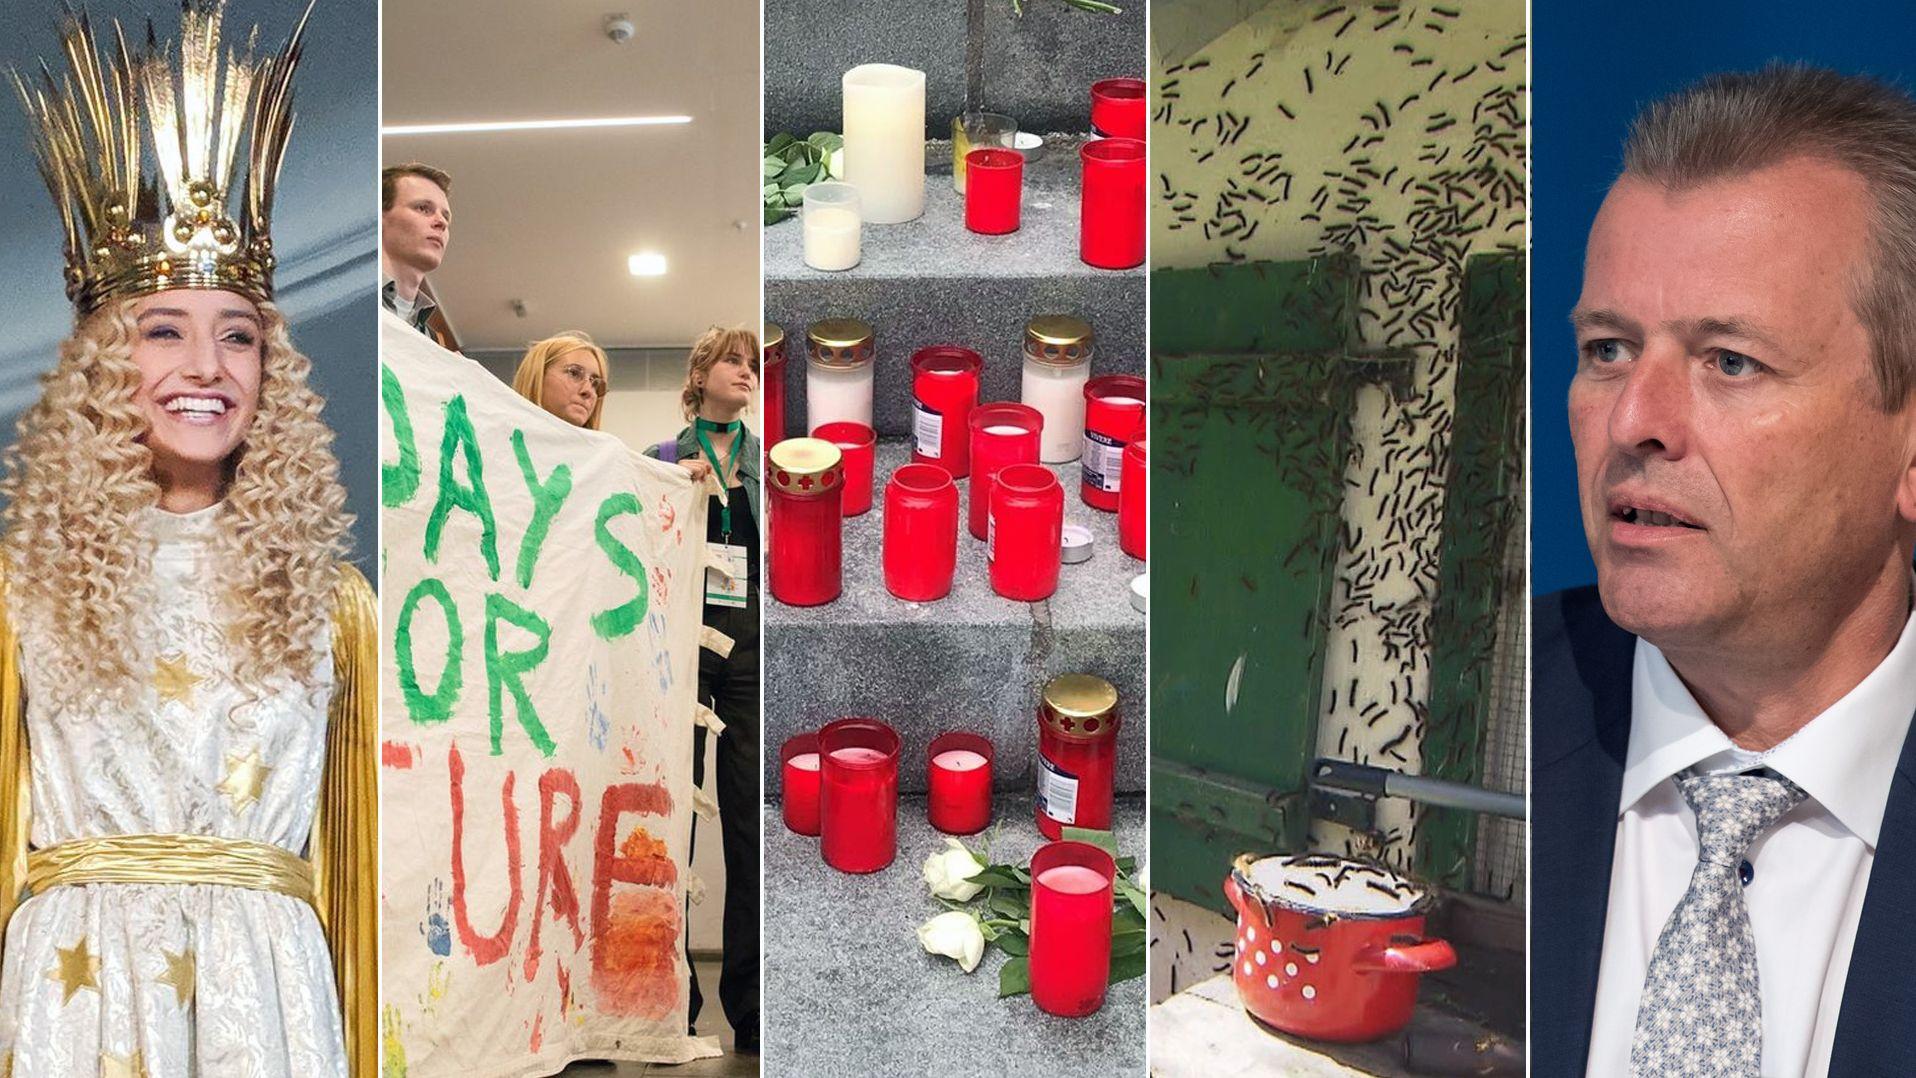 Symbolbild Jahresrückblick Mittelfranken 2019: Christkind Benigna/FFF-Protestierende/Kerzen in Heroldsberg/Raupen an Hauswand/Ulrich Maly